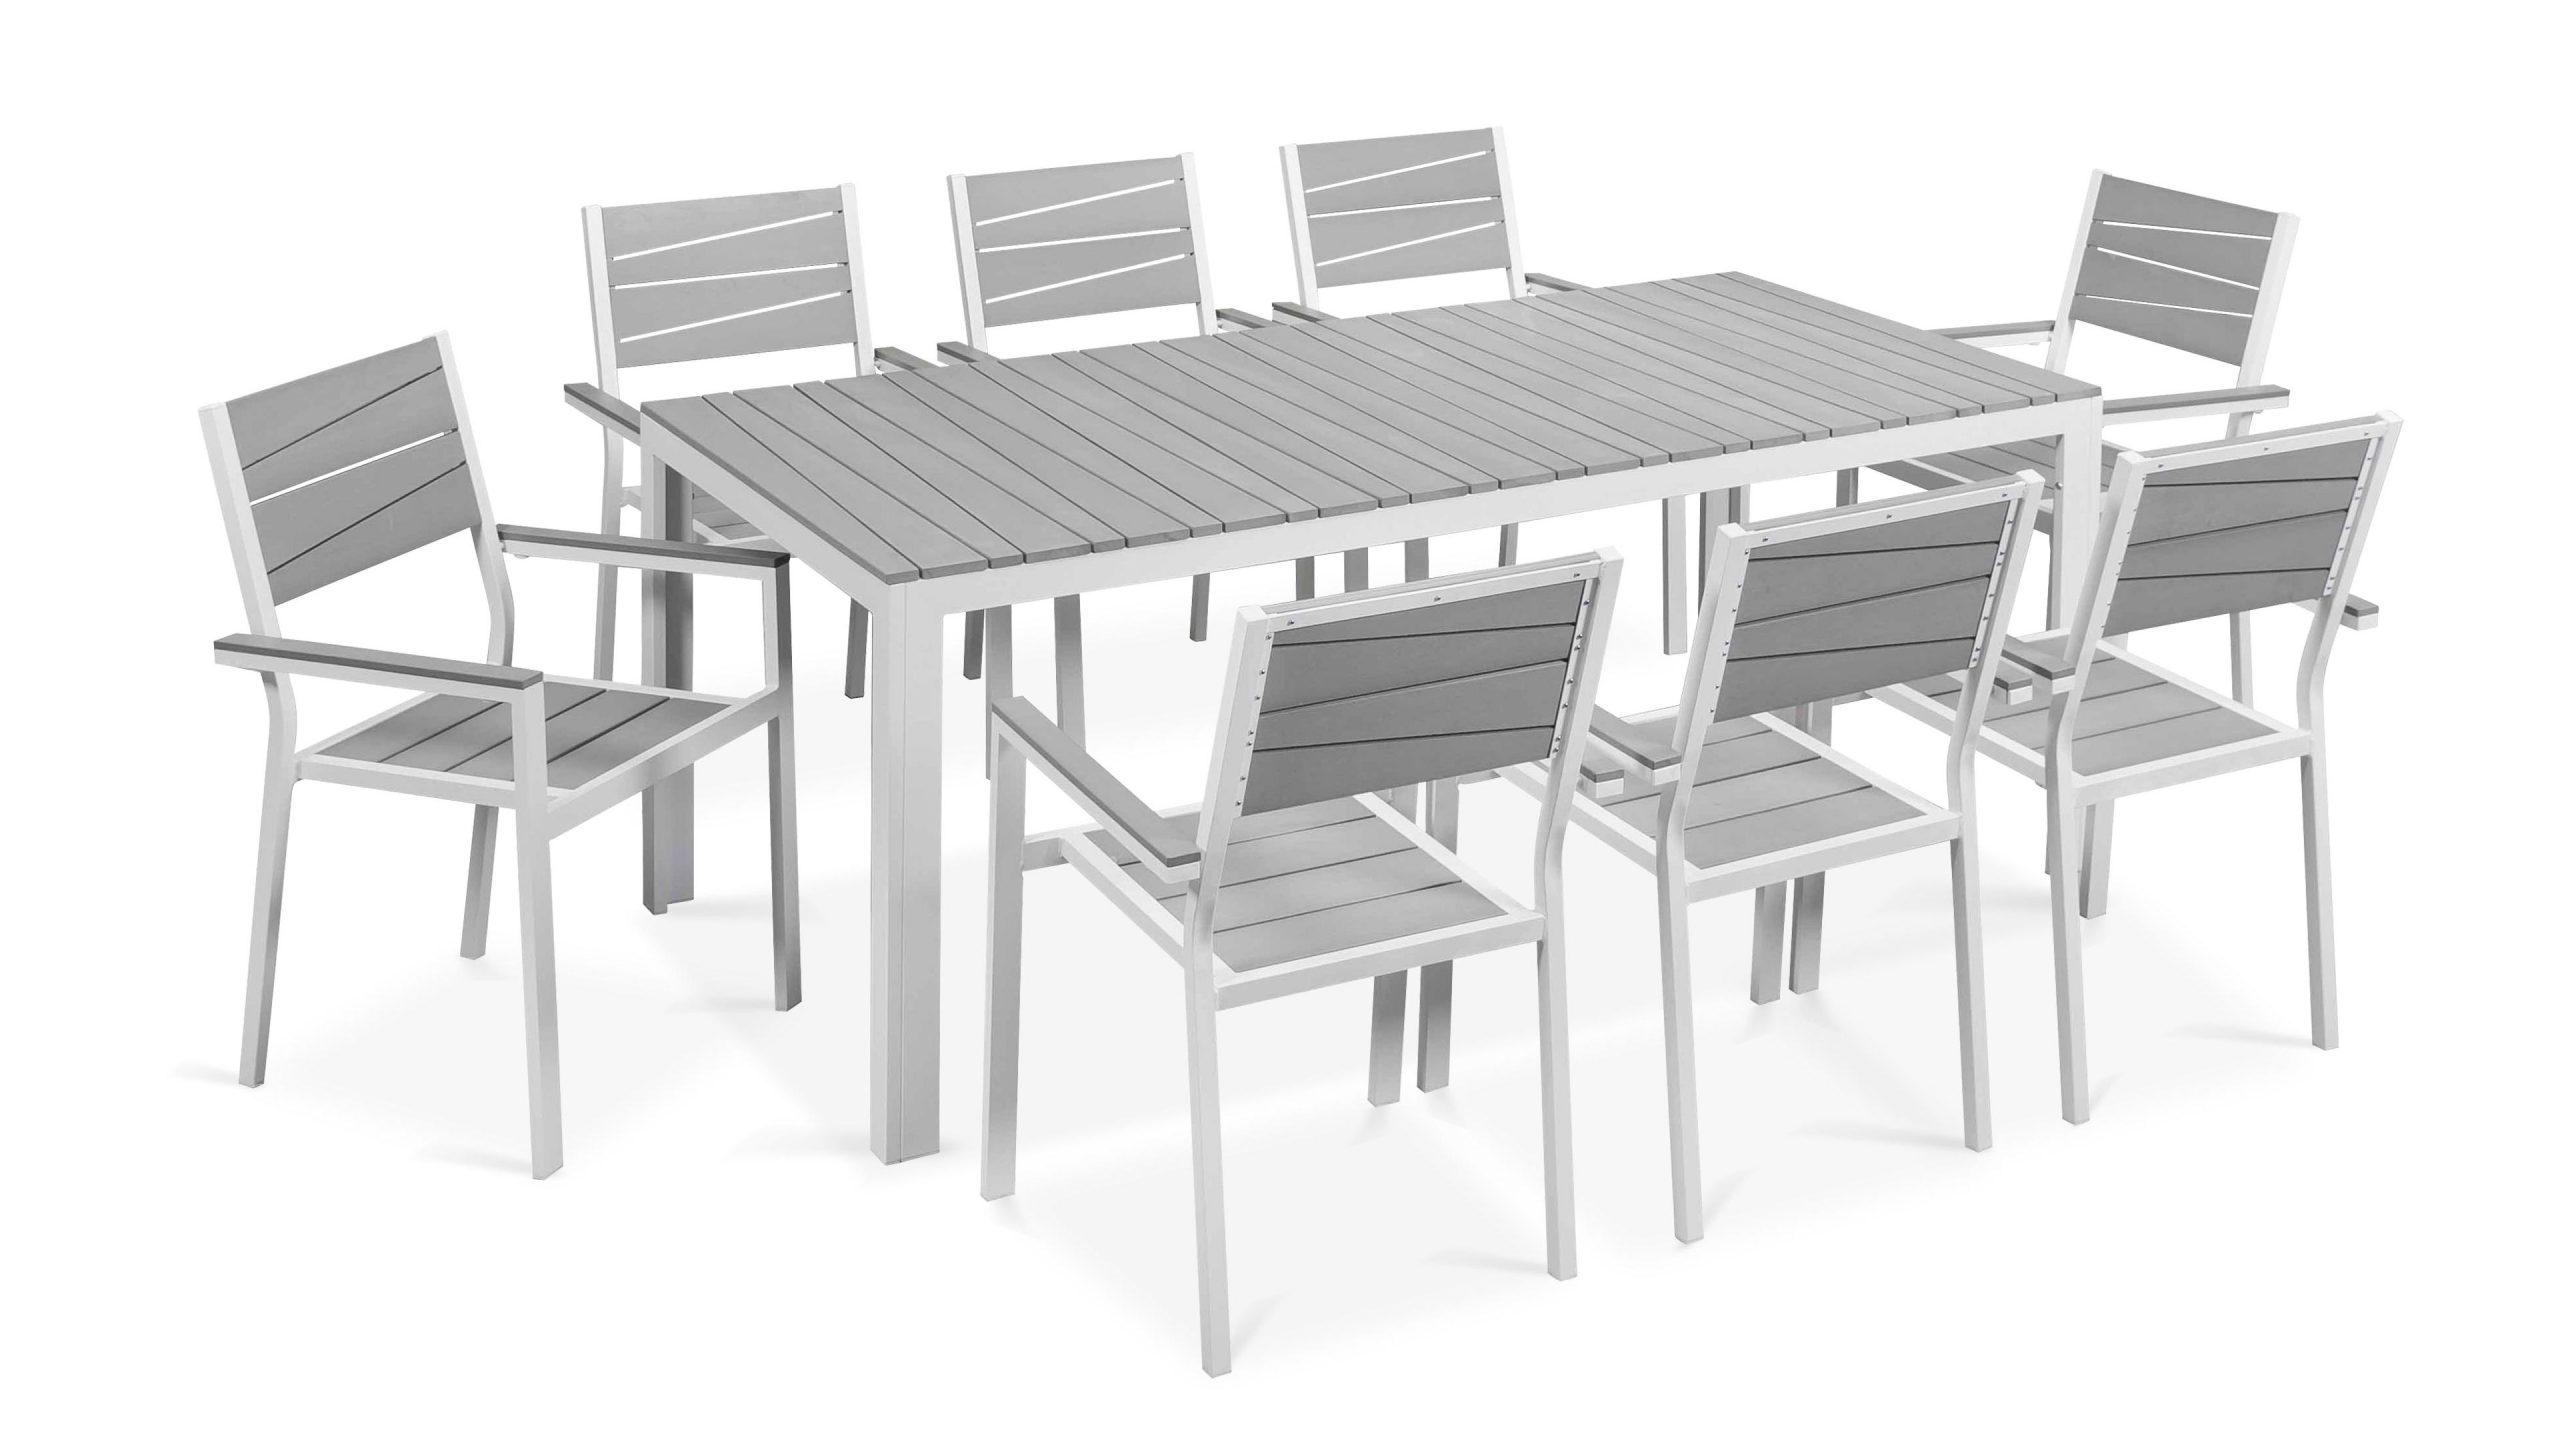 Table De Jardin 8 Places Aluminium Polywood pour Table De Jardin Design Pas Cher